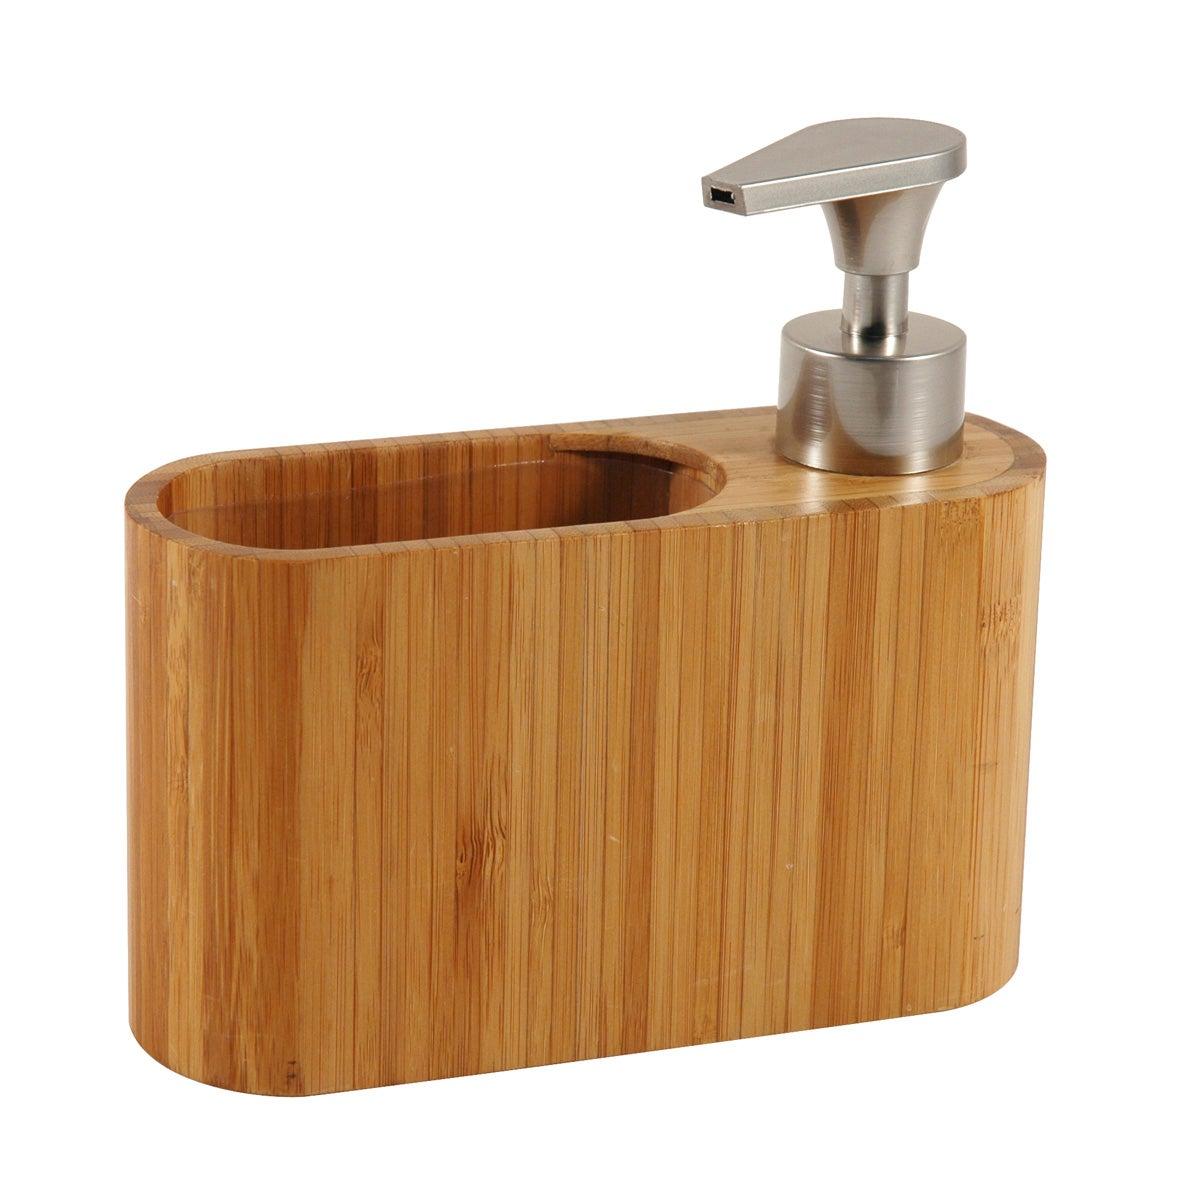 Distributeur a savon en bambou Tendance